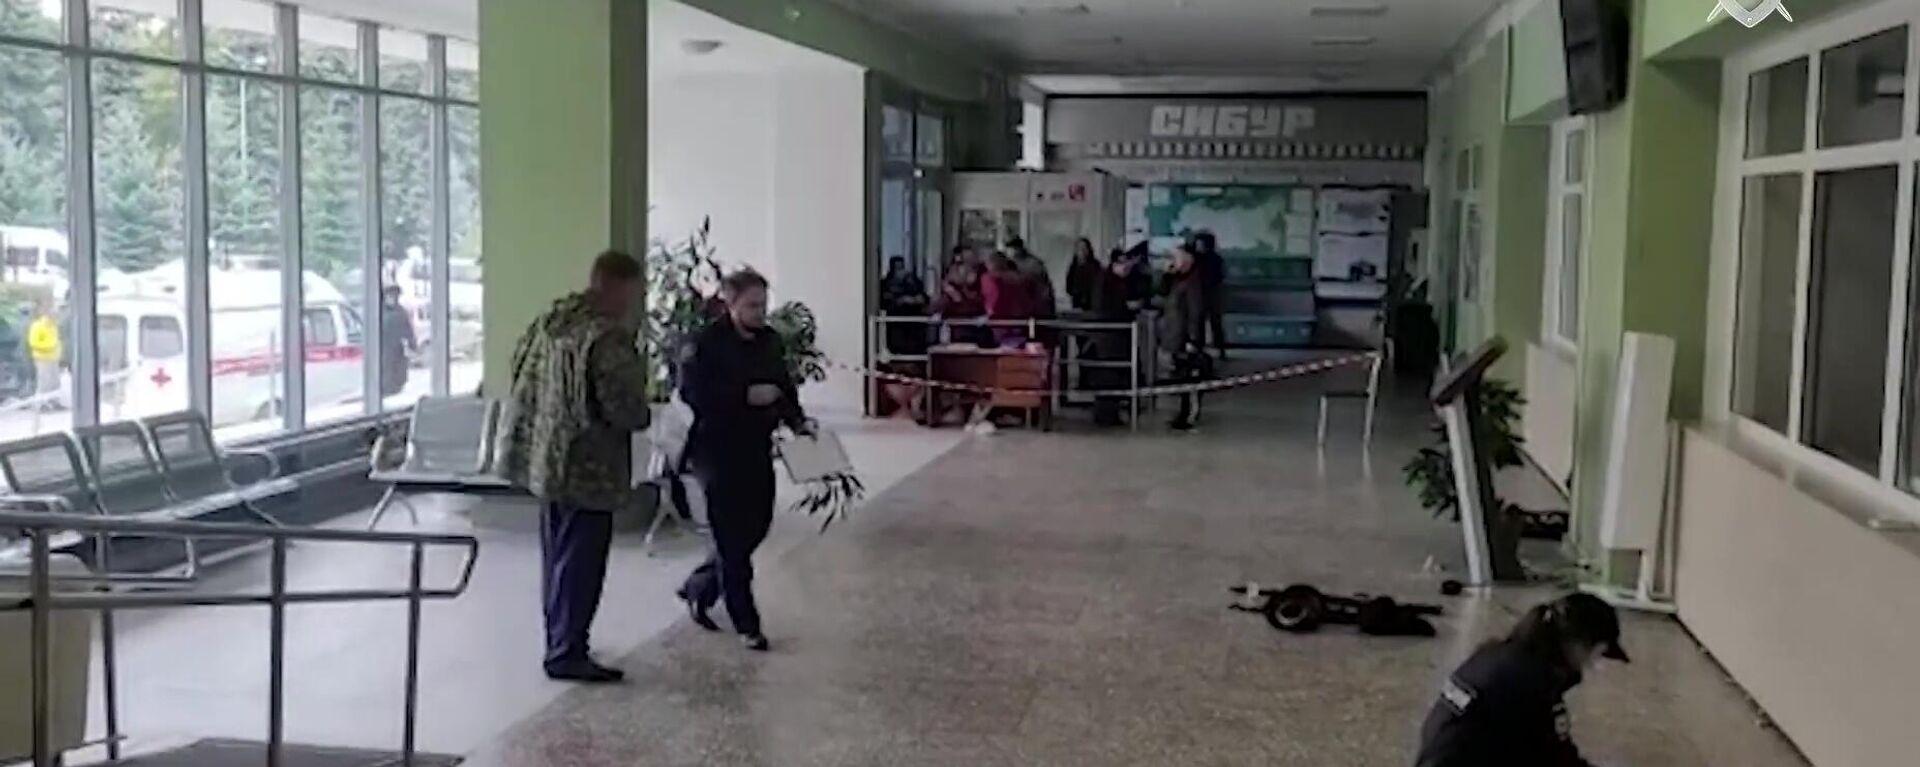 Стрельба в университете в Перми - Sputnik Таджикистан, 1920, 20.09.2021